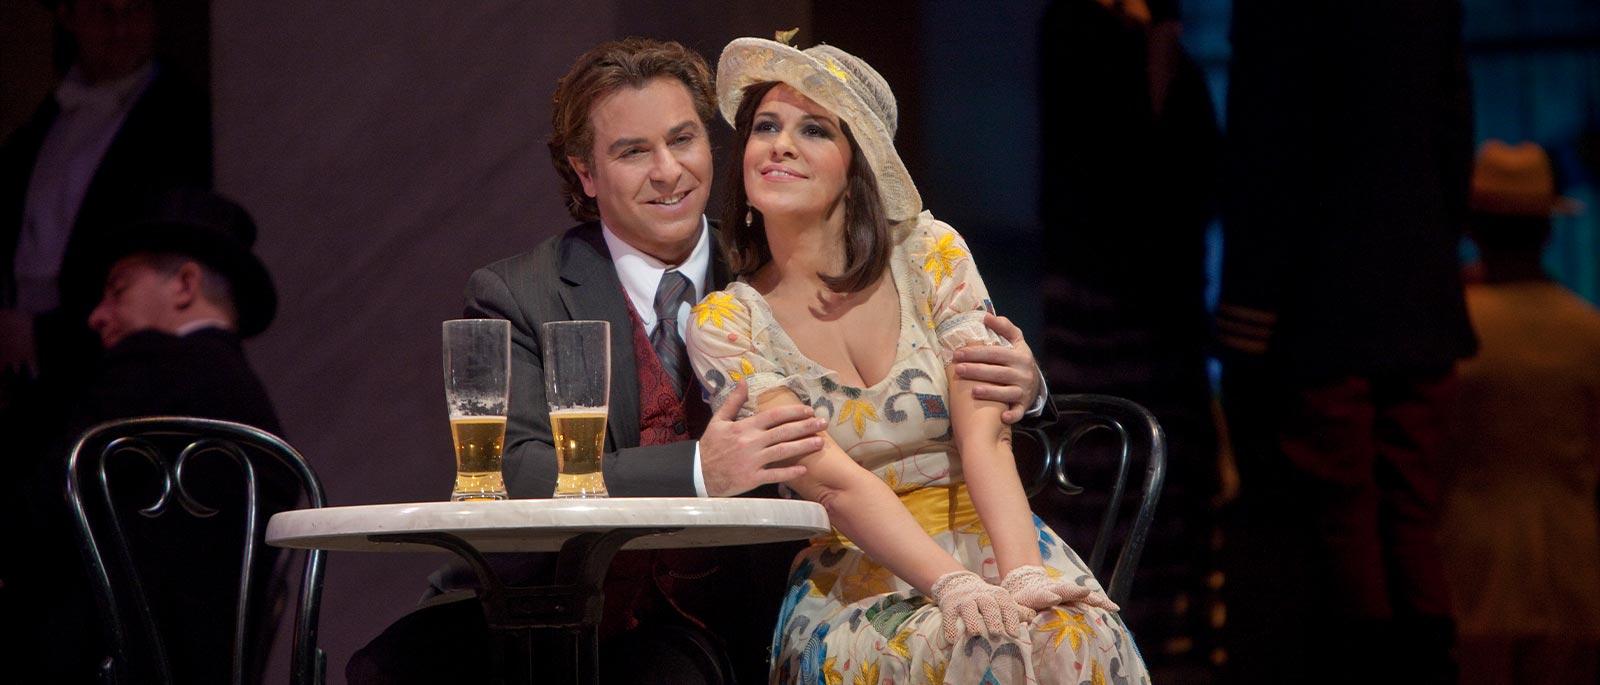 Metropolitan Opera | Opera Streams: Weekly Guide (Week 28)